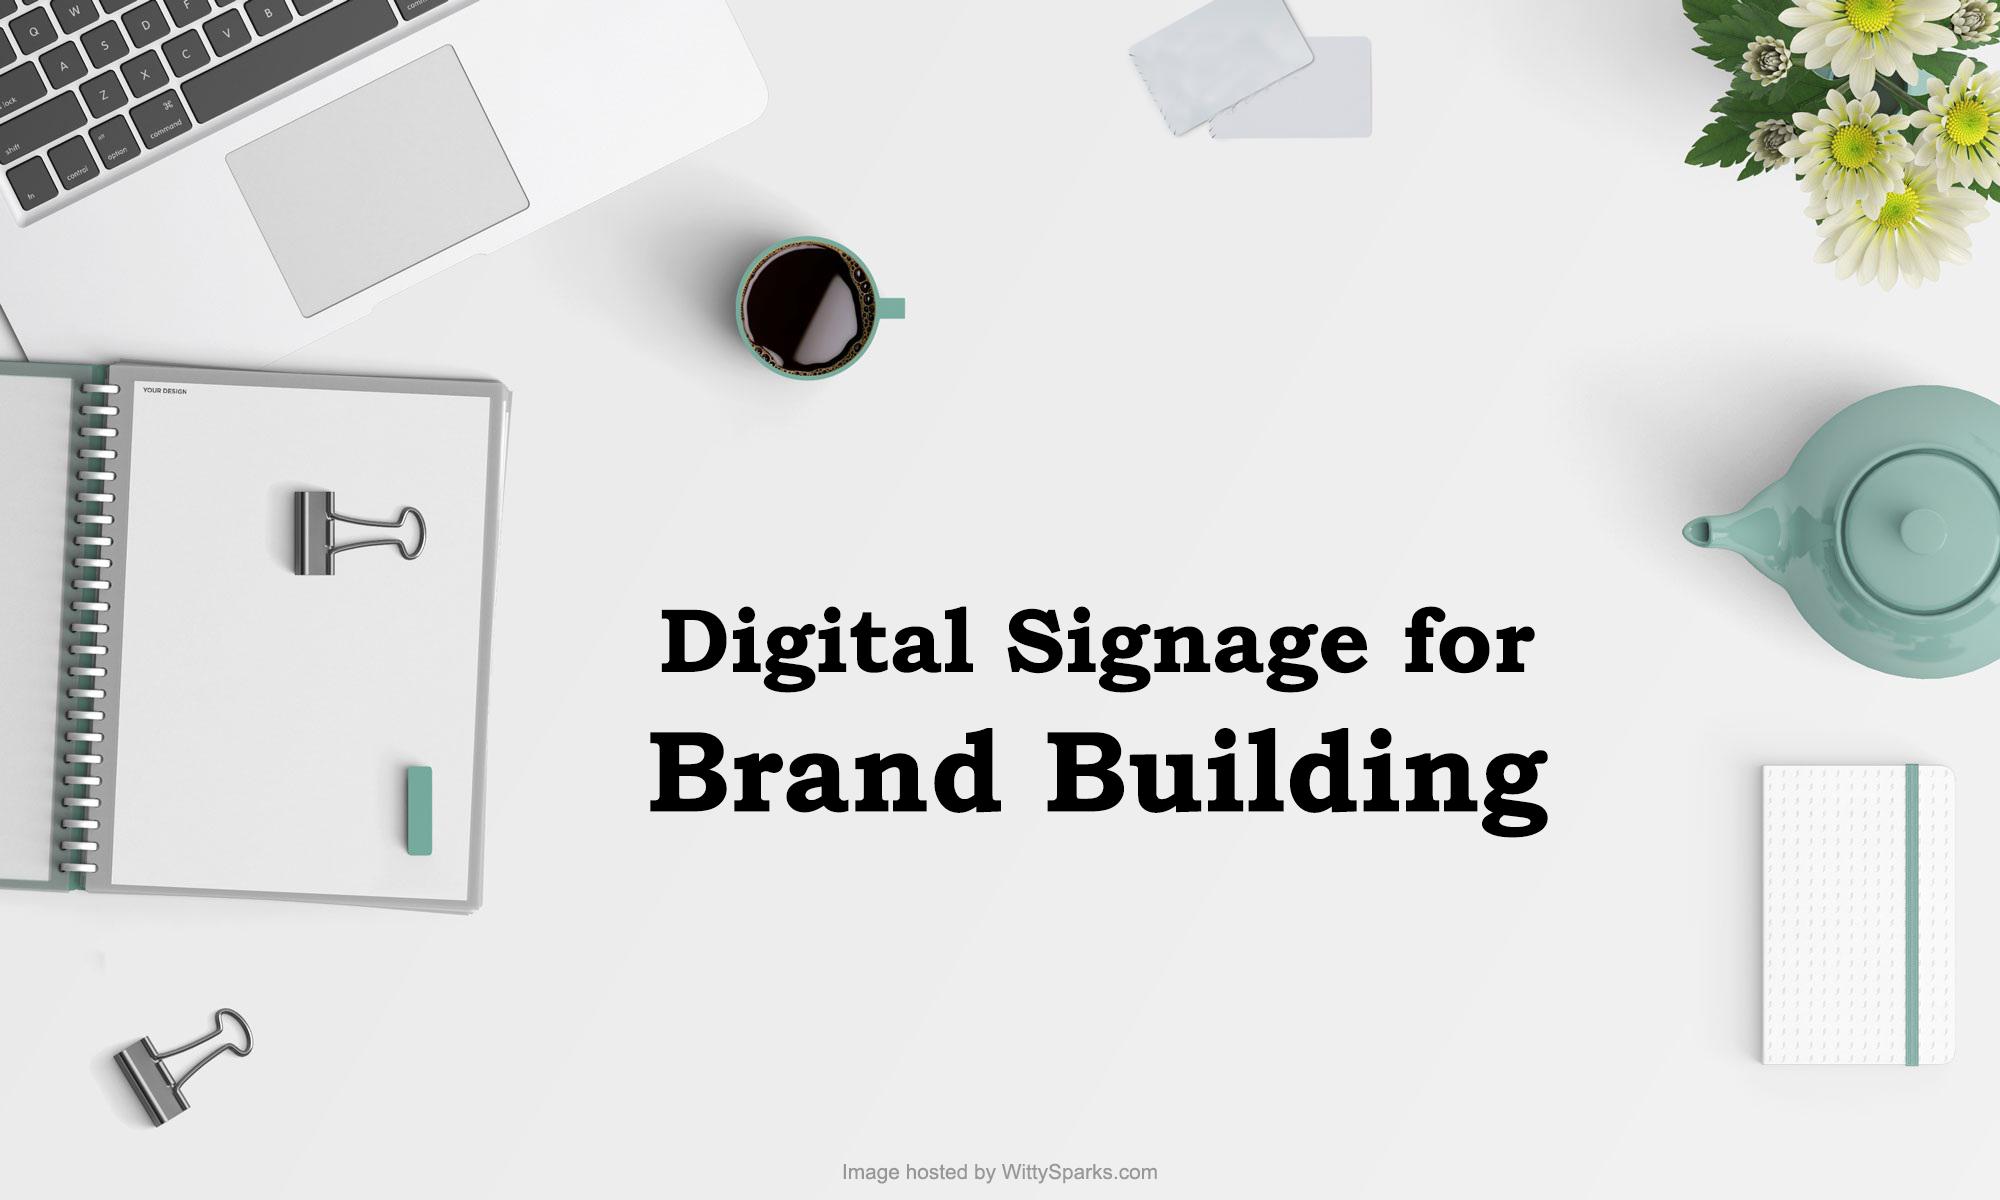 Digital Signage TV for Brand Building